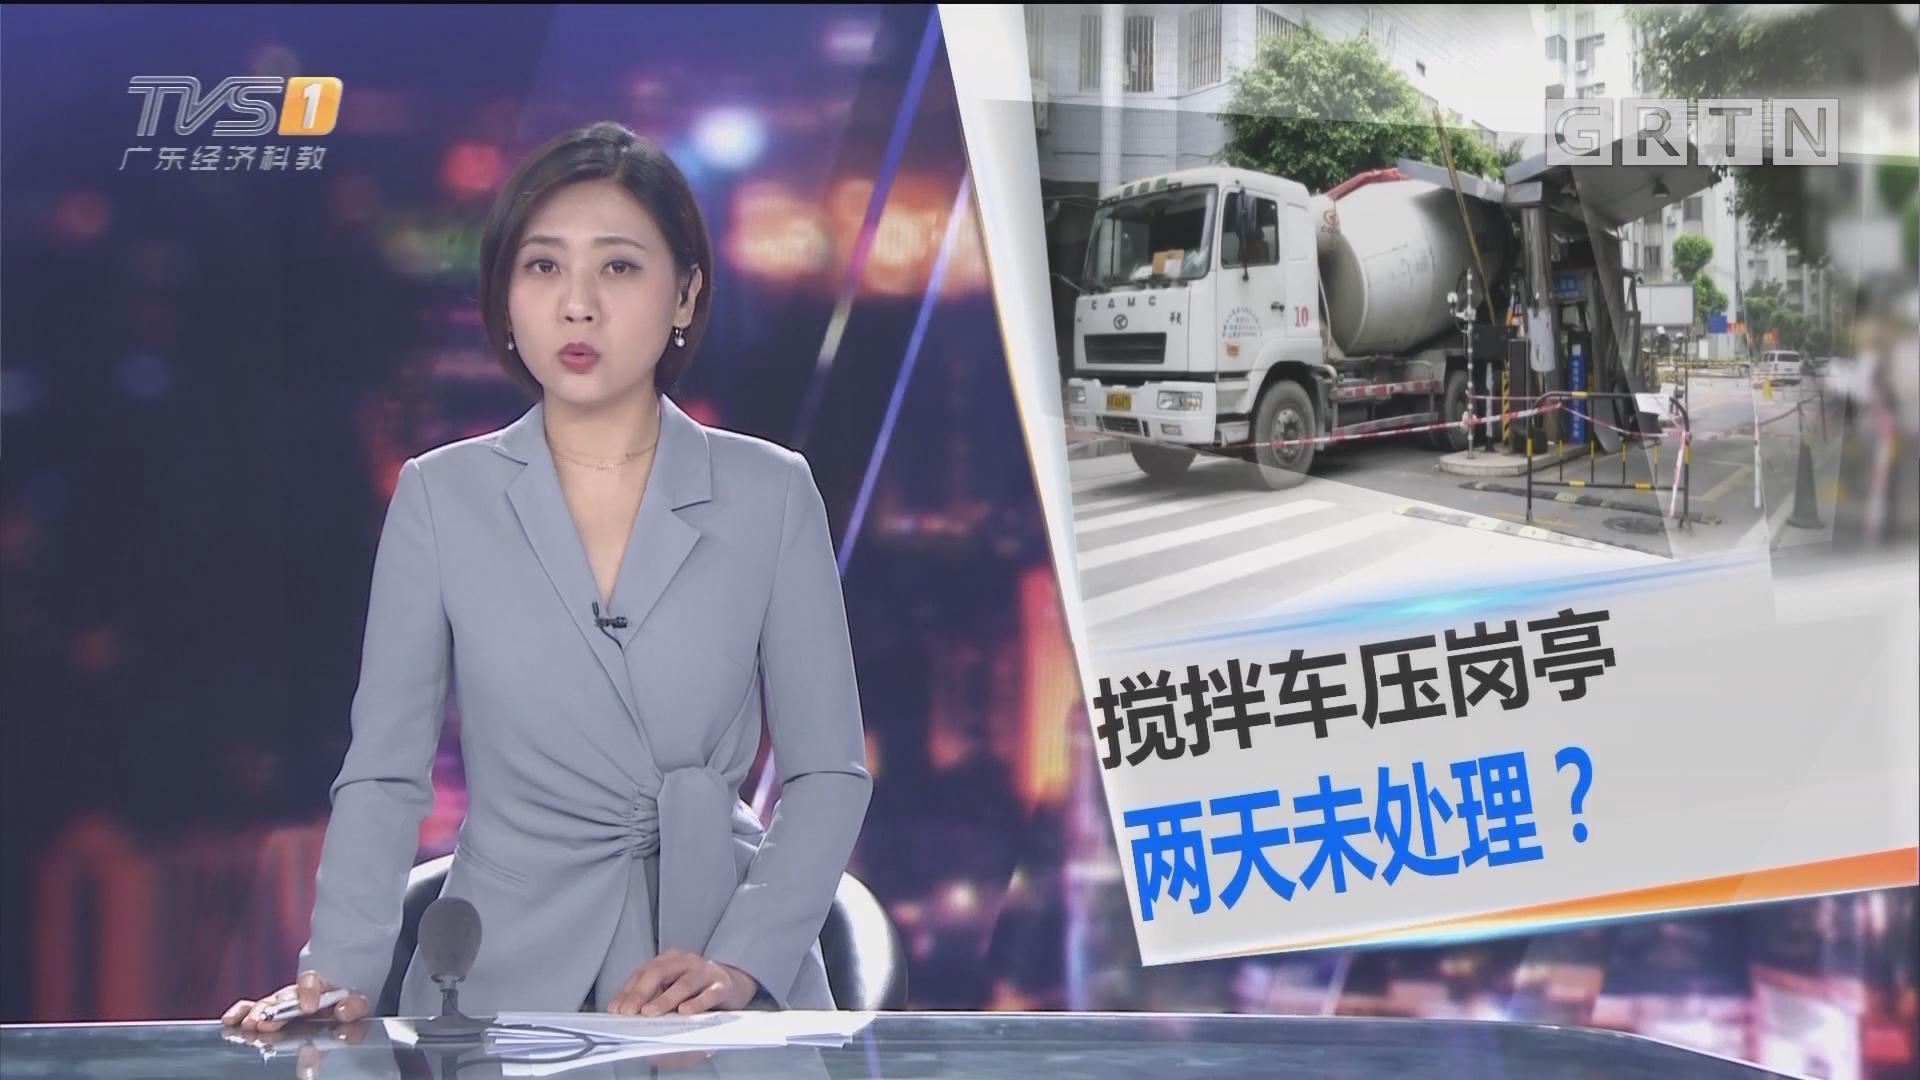 佛山禅城:小区岗亭被搅拌车压变形 两天未处理?